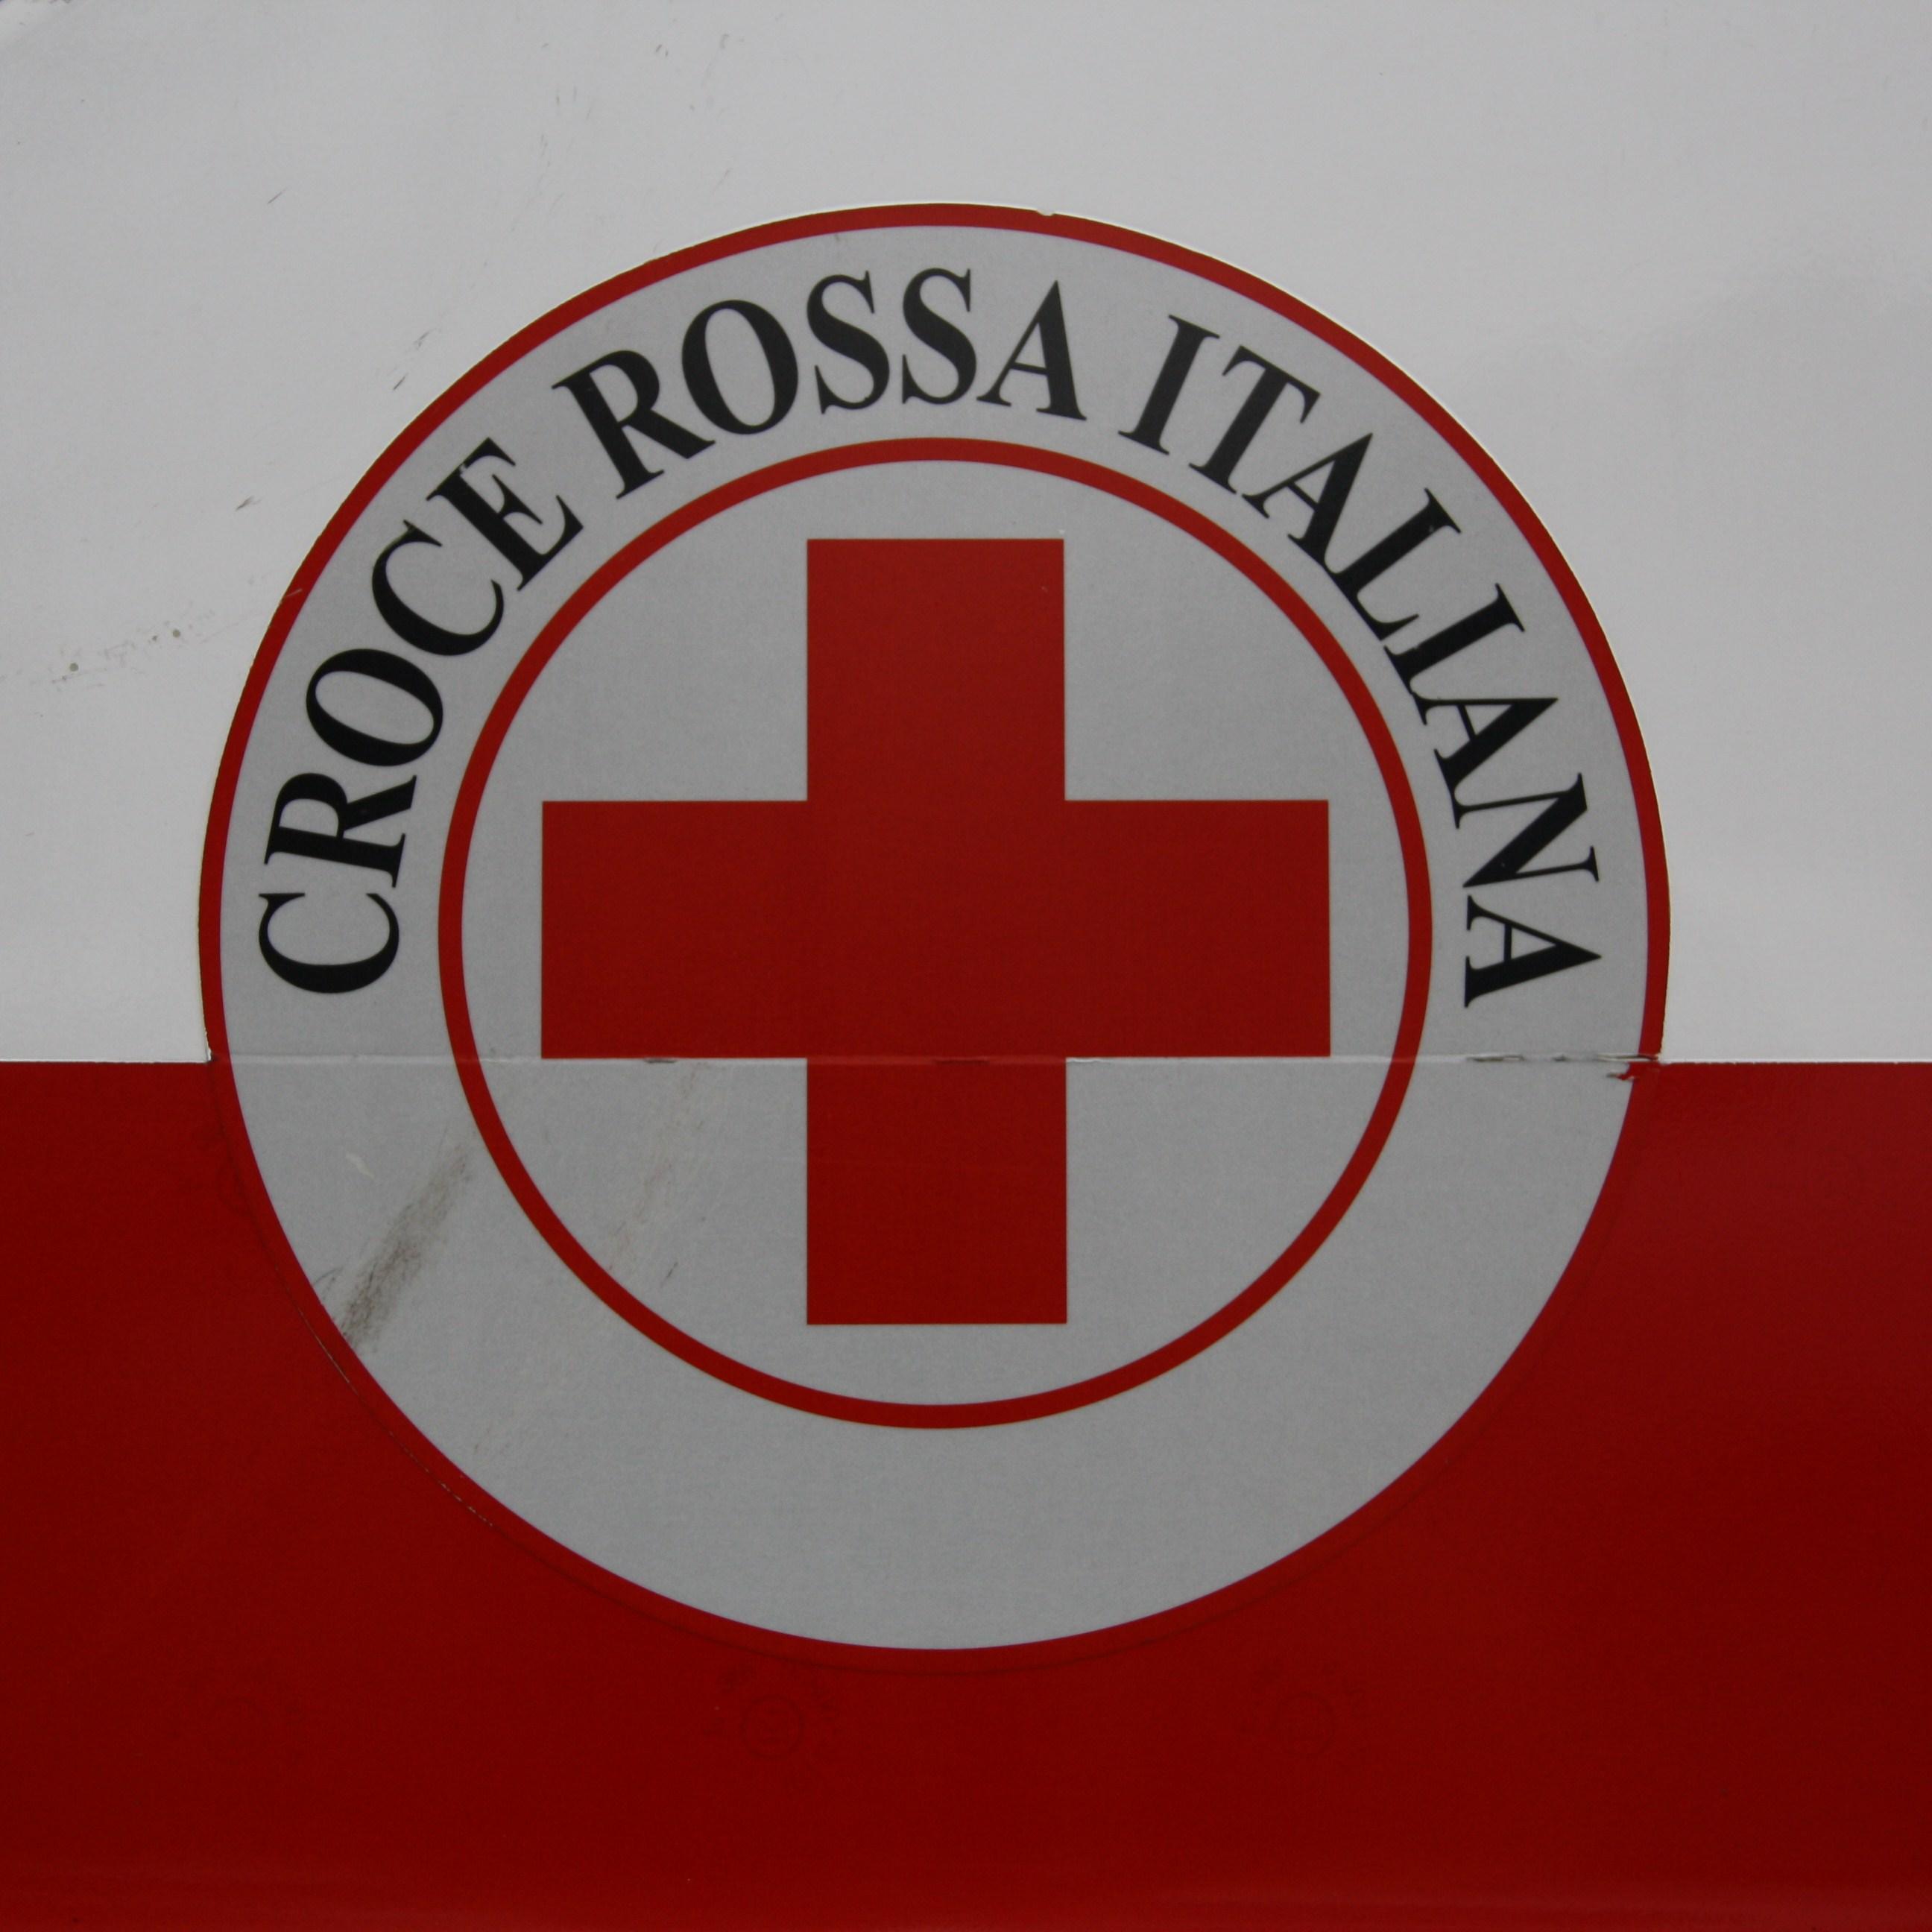 Croce-Rossa-Emblema-RivistaDonna.com